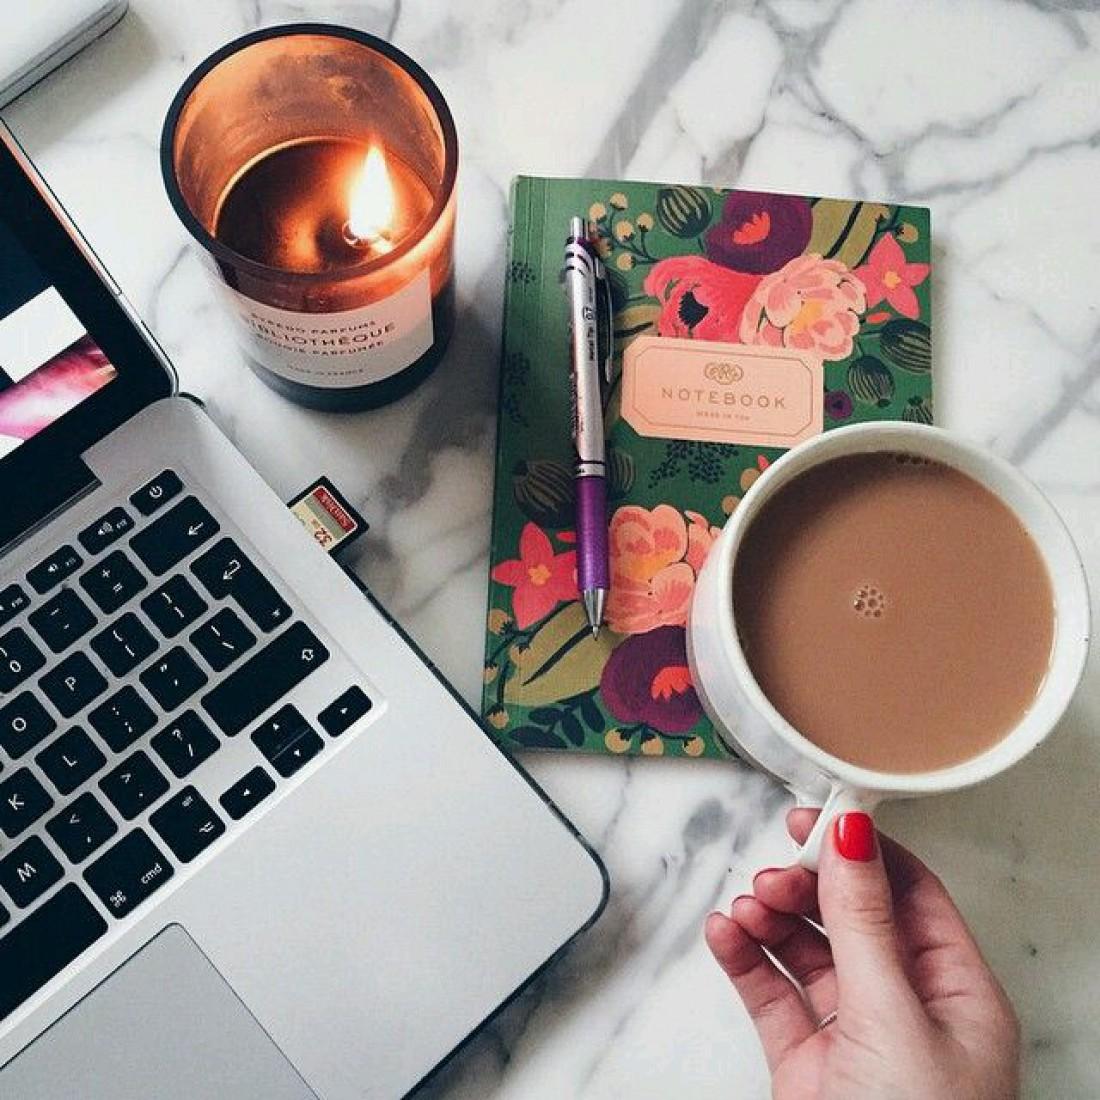 Блог обоготит твою жизнь